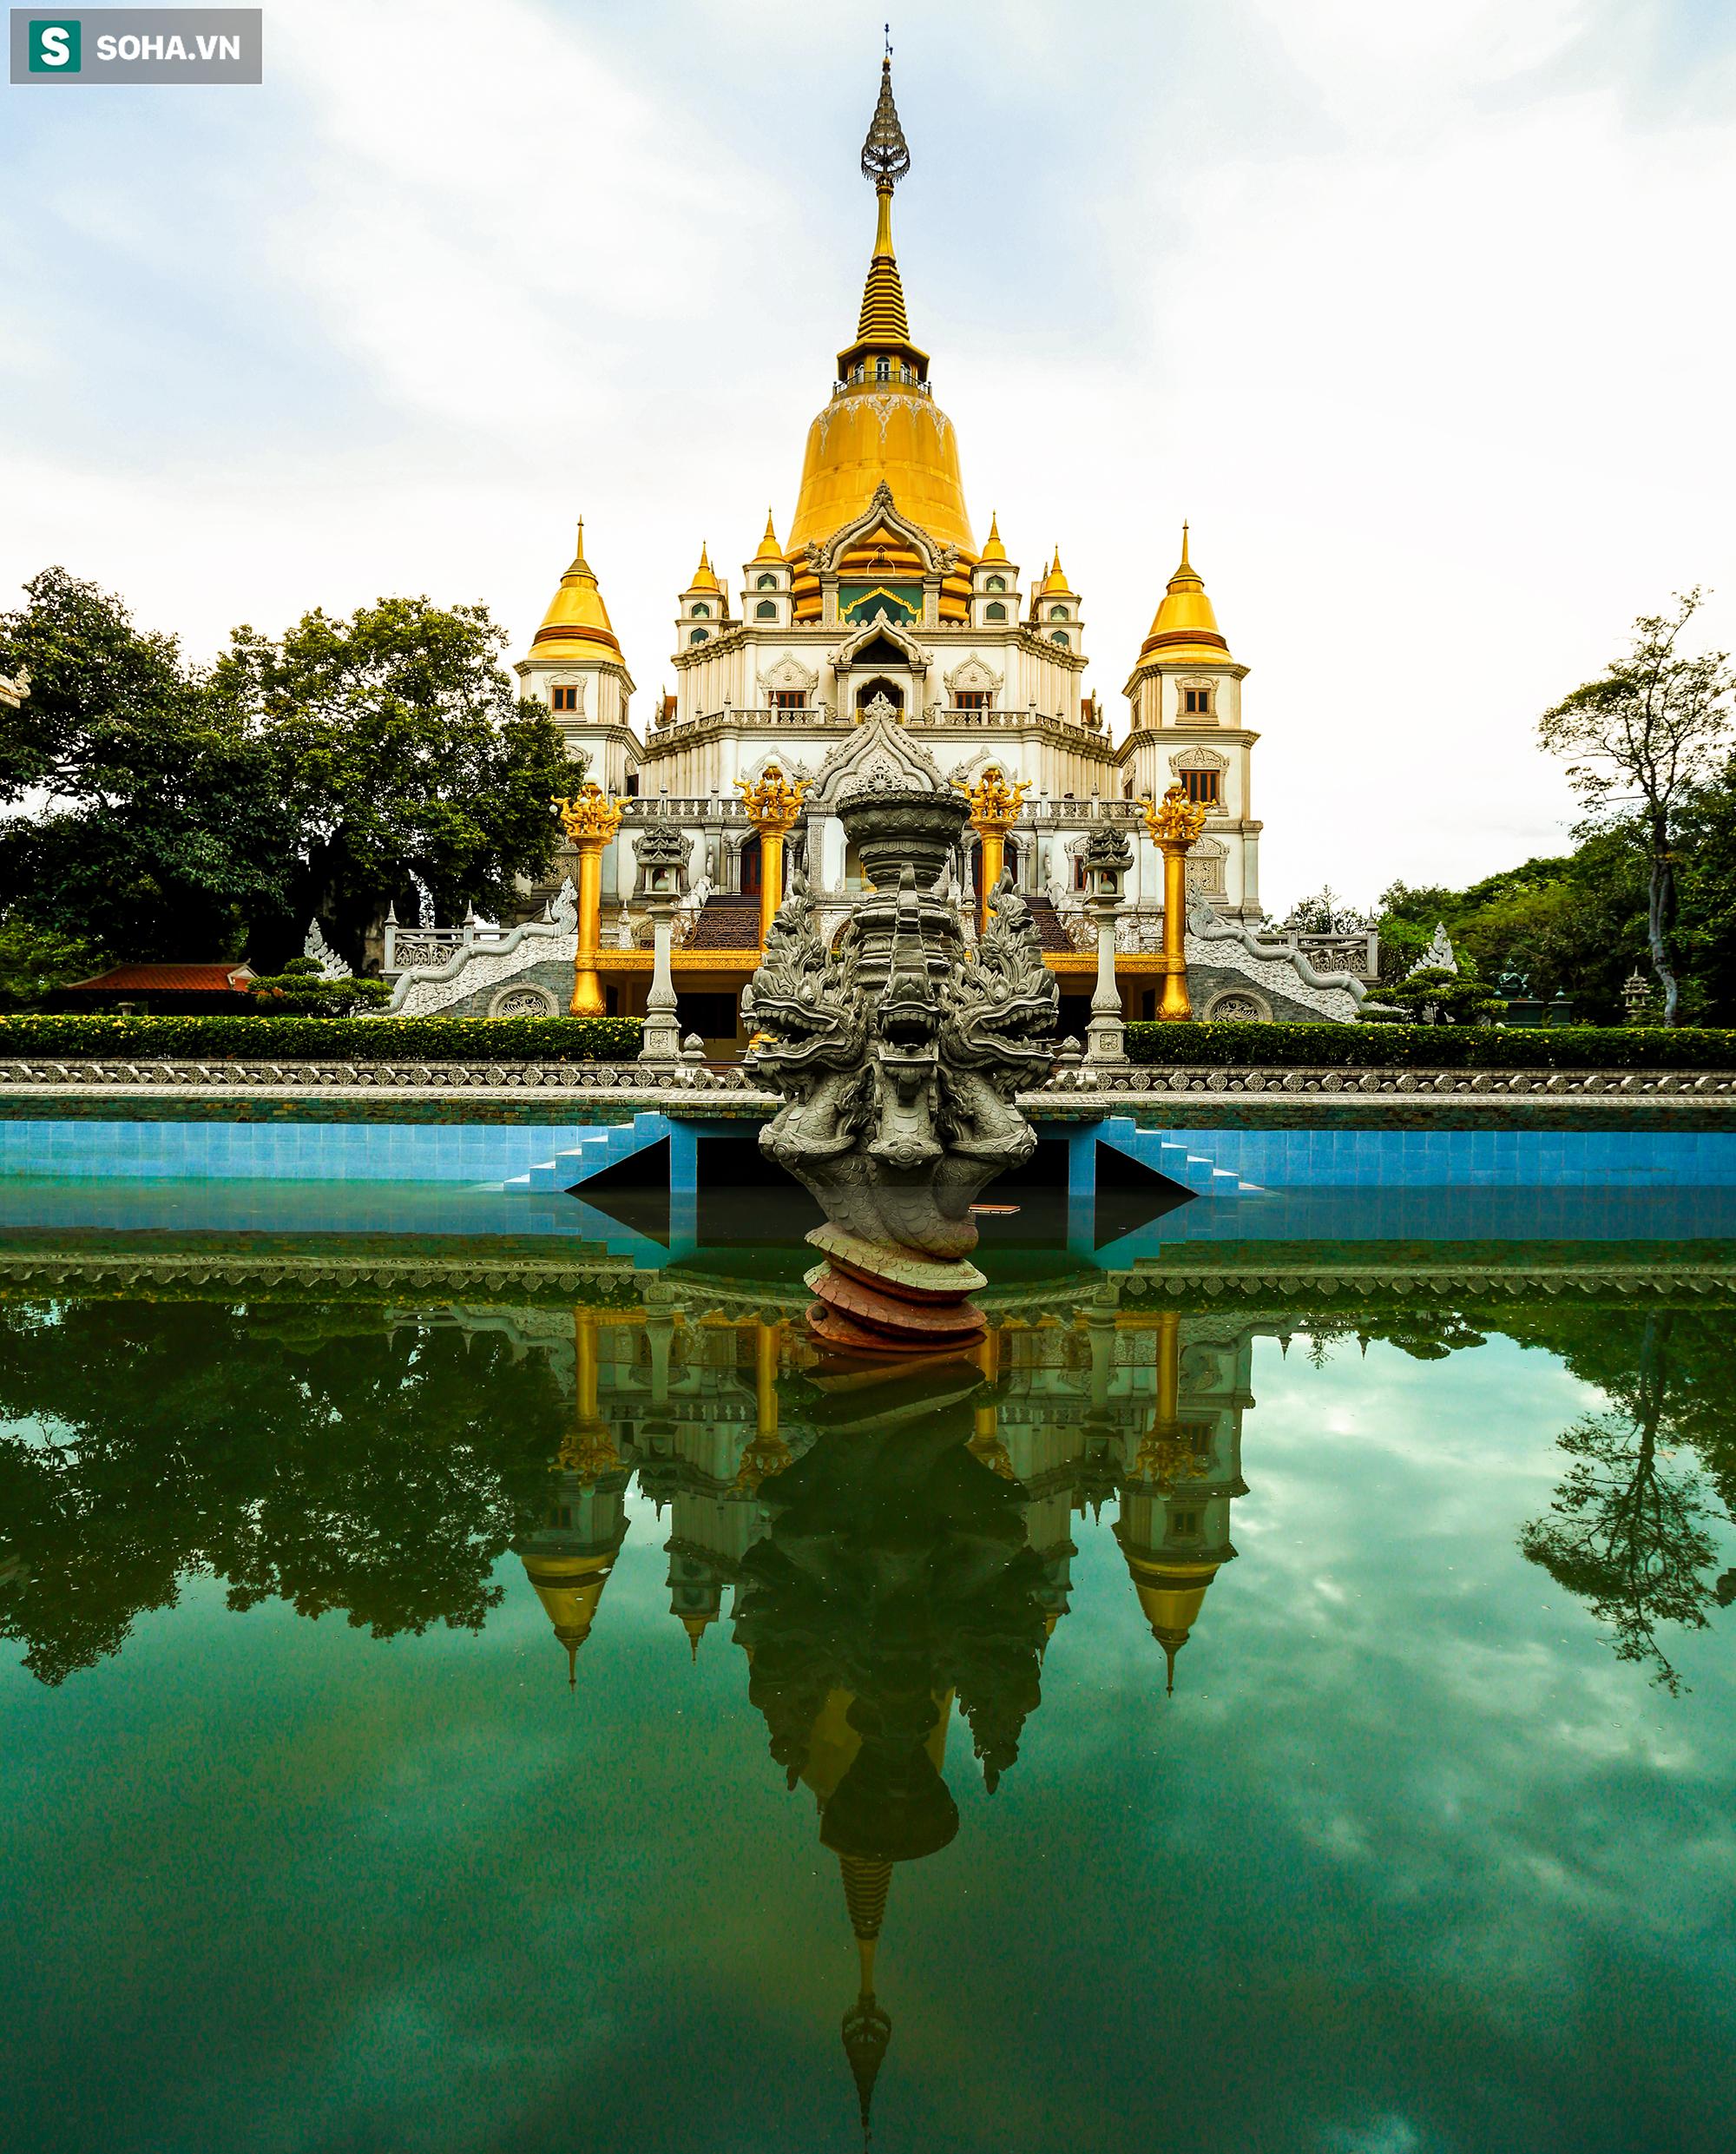 [Ảnh] Ngắm vẻ đẹp huyền bí của ngôi chùa lọt top đẹp nhất thế giới tọa lạc tại TP.Thủ Đức - Ảnh 5.